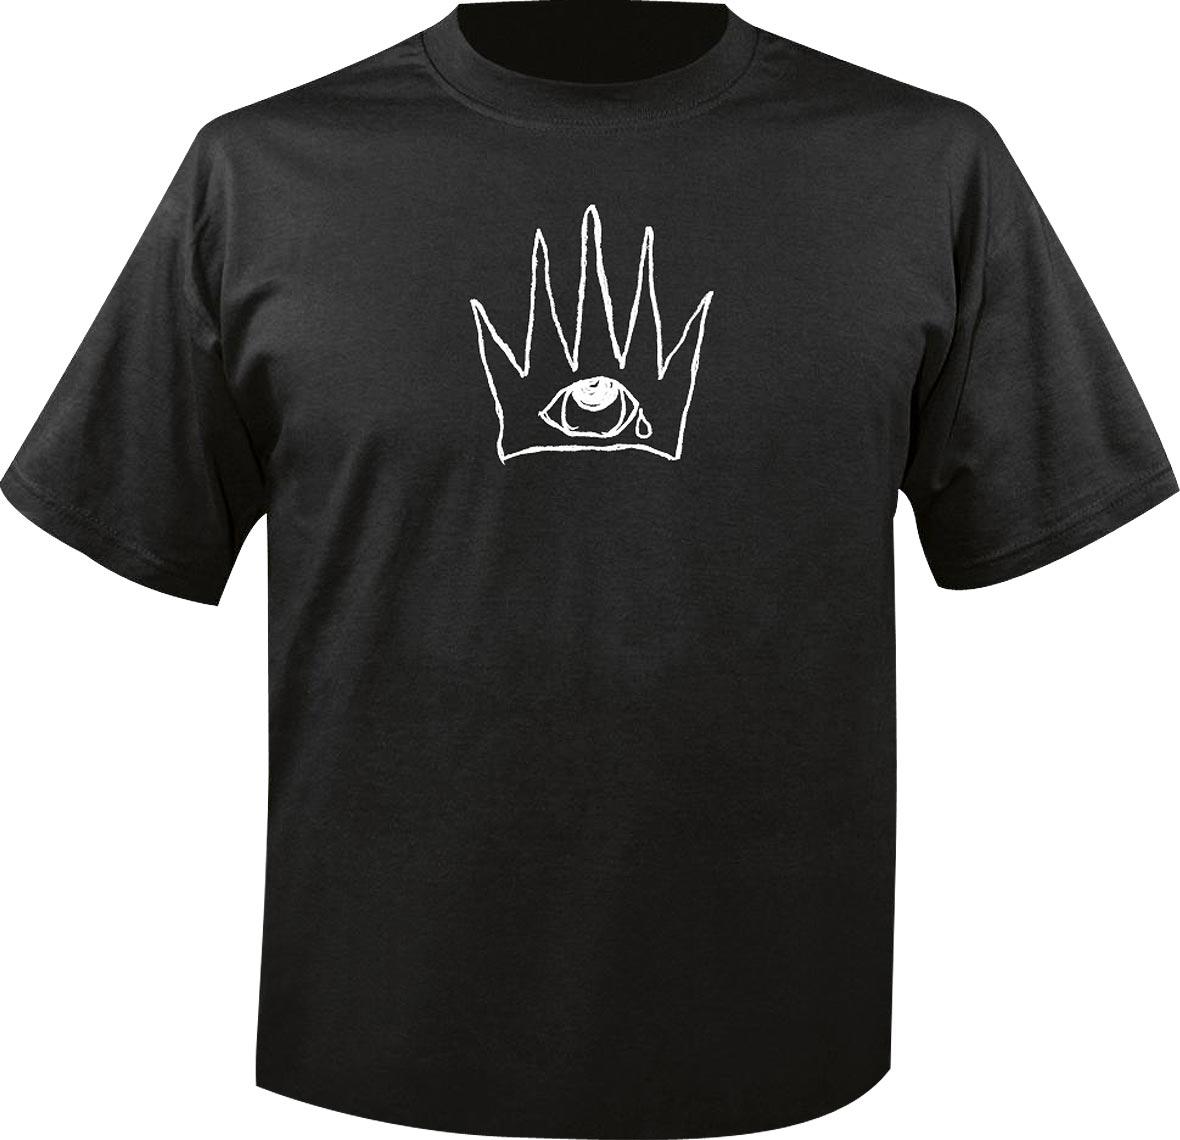 happy_place_tshirts_crown_v2.jpg